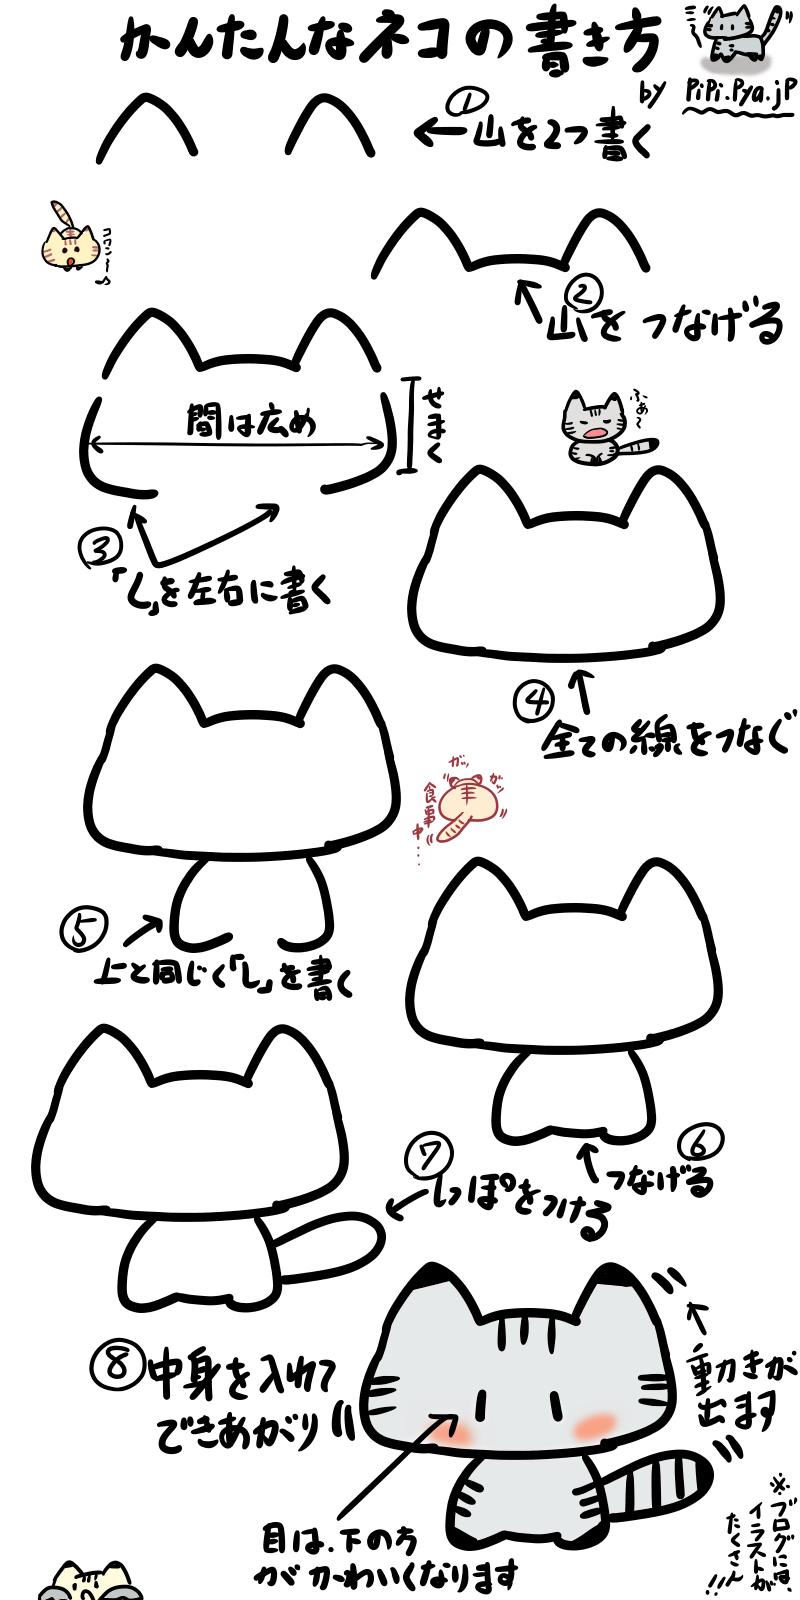 メッチャ簡単な猫のイラストの書き方 | ポケットの中のアルバム